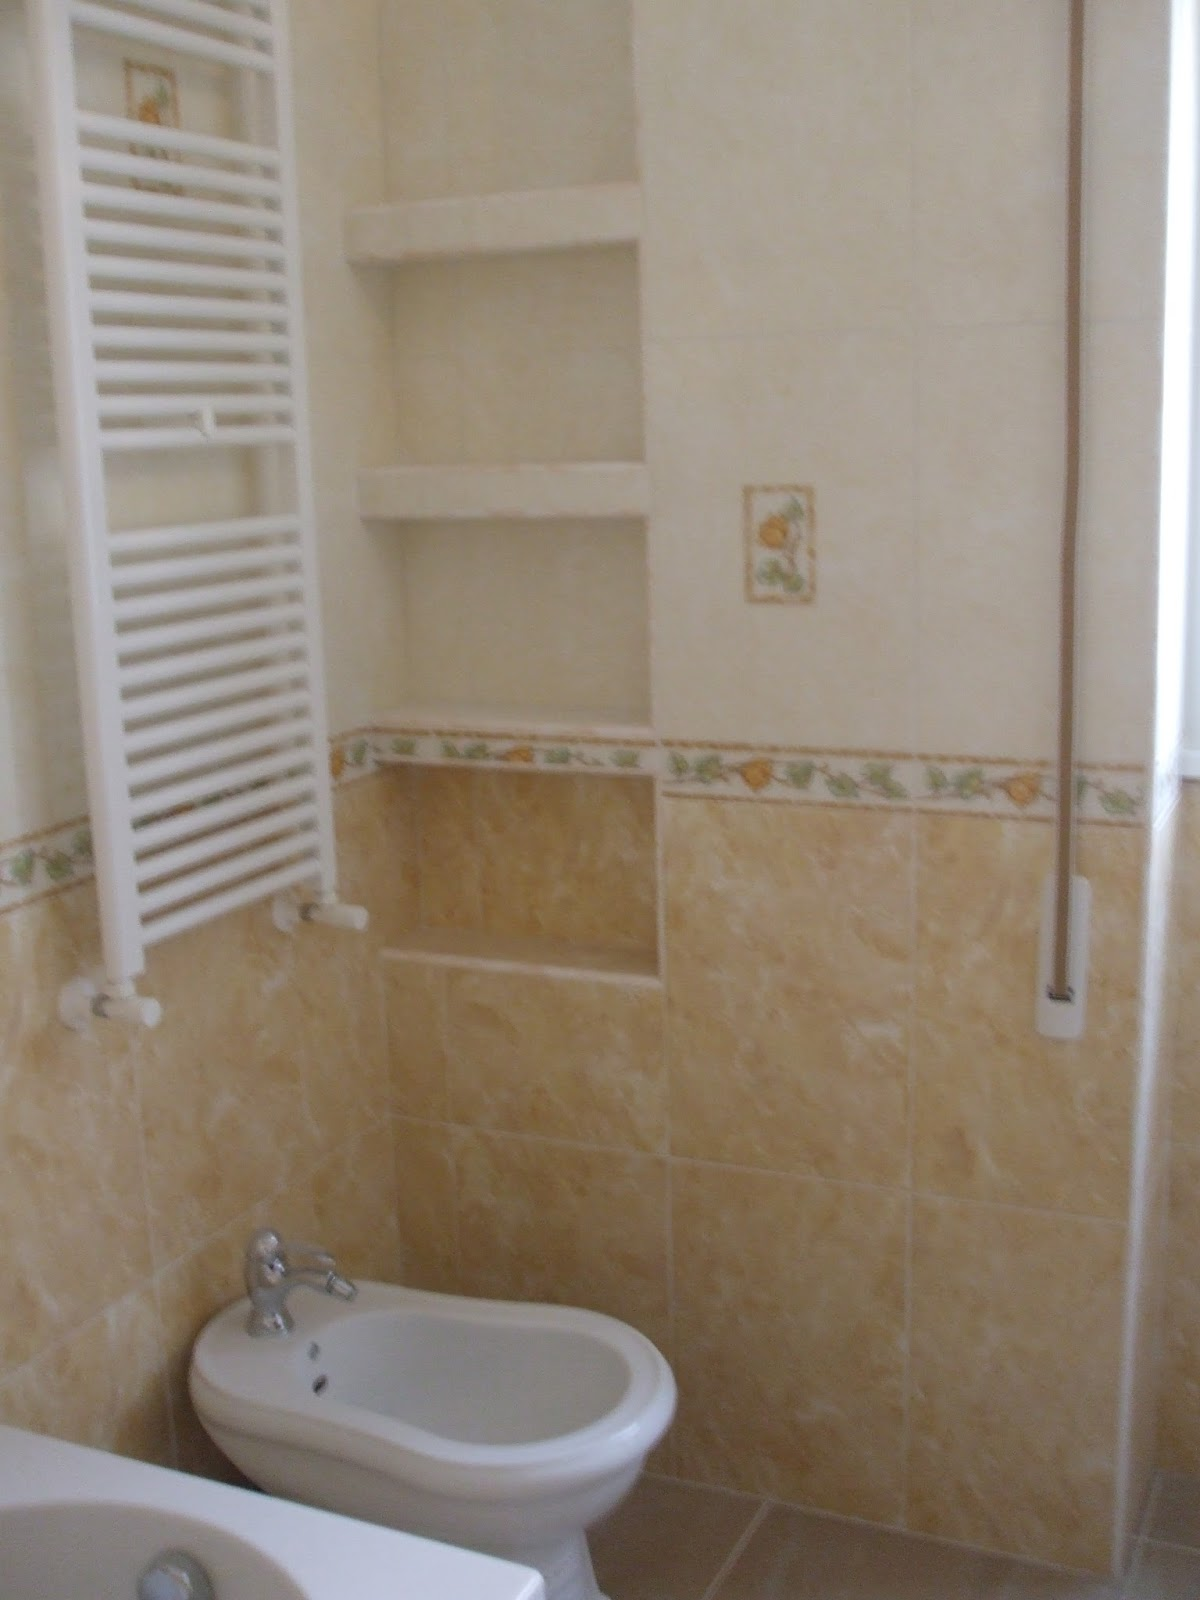 Arredamento bagno in muratura perfect bagno bagno for Arredo bagno muratura